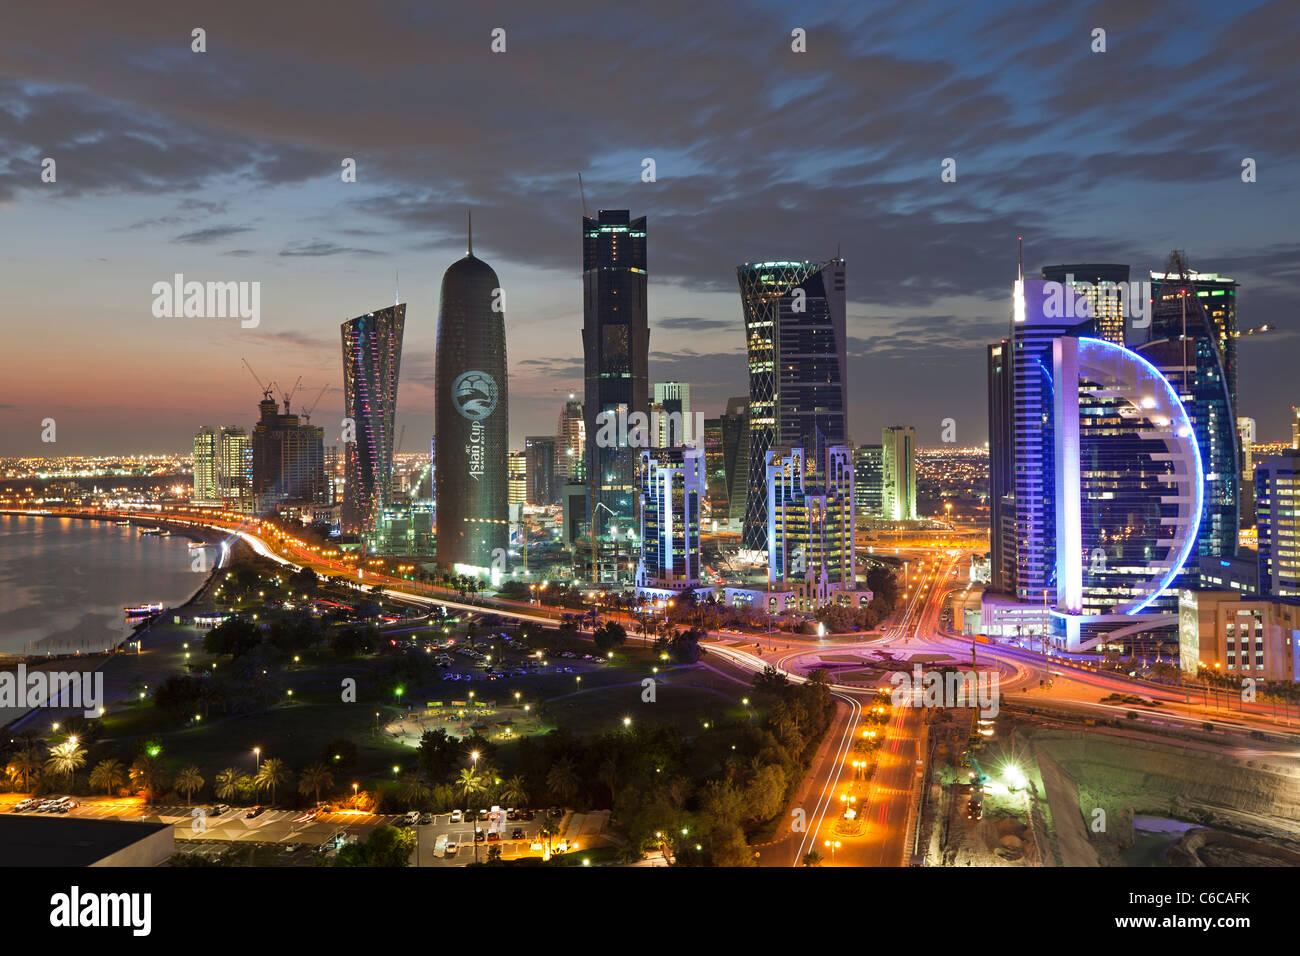 Katar, Naher Osten, Arabische Halbinsel, Doha, neue Skyline der West Bay zentralen finanziellen Bezirk von Doha Stockbild